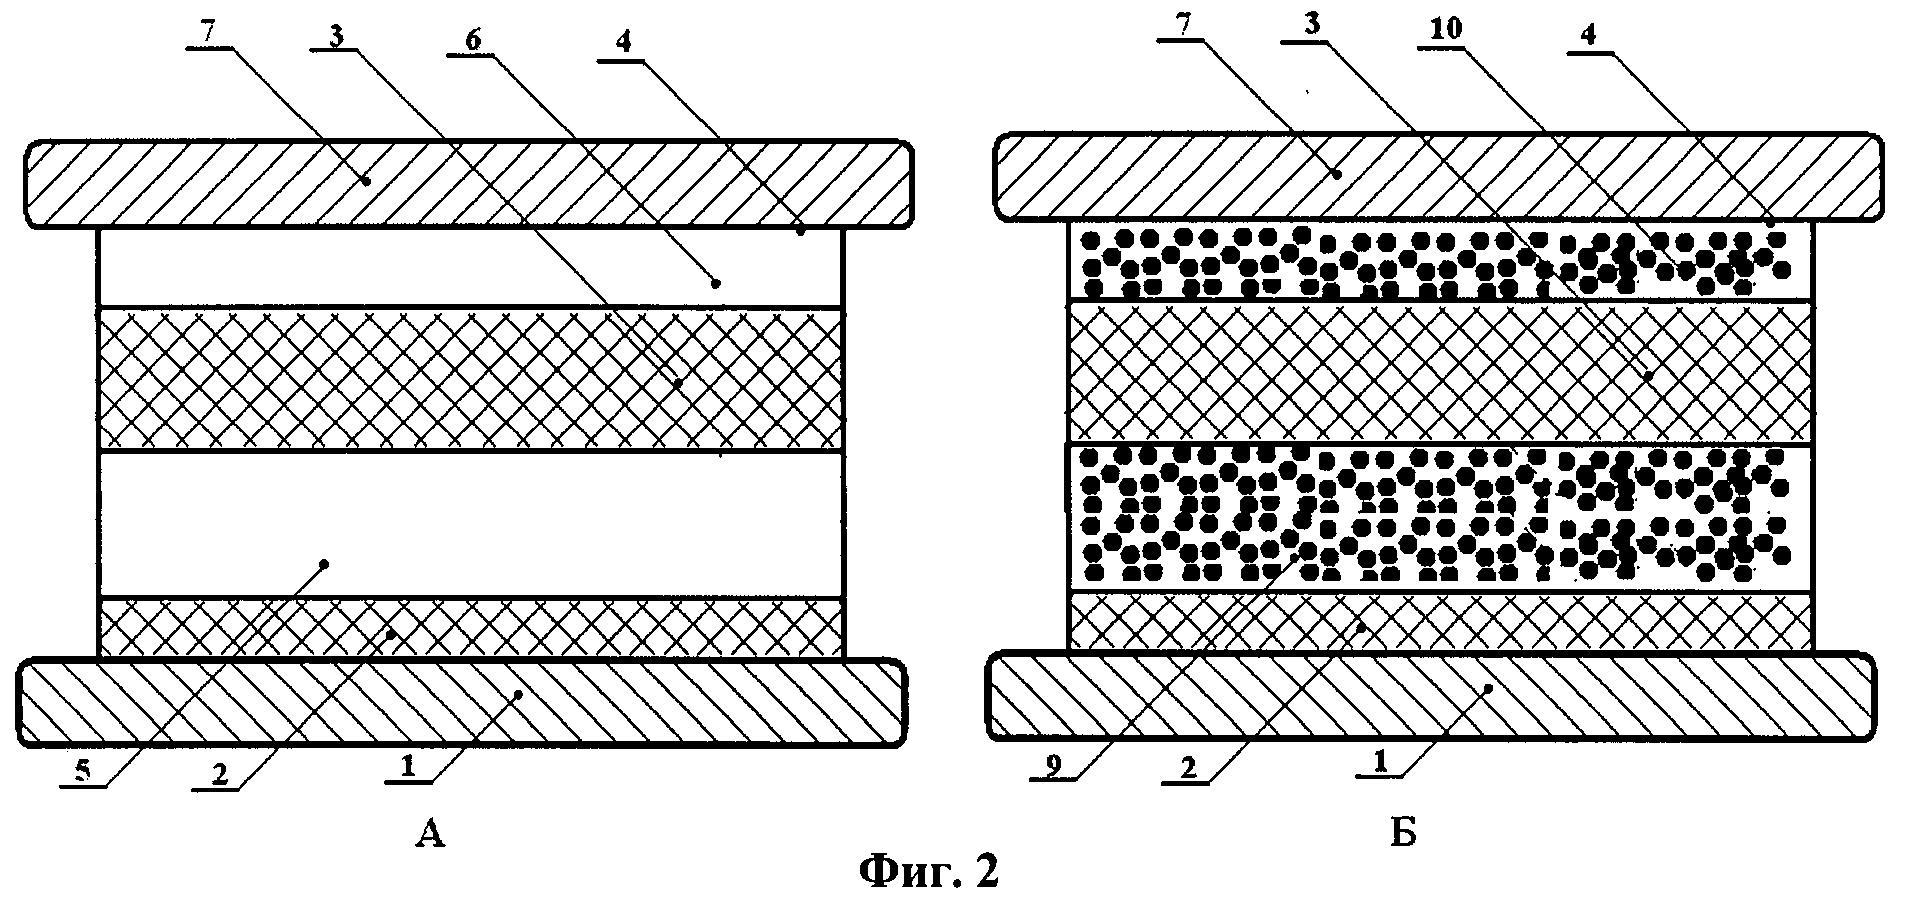 Способ определения коэффициента пропитки отверждаемым полимерным составом обмоток электрических машин